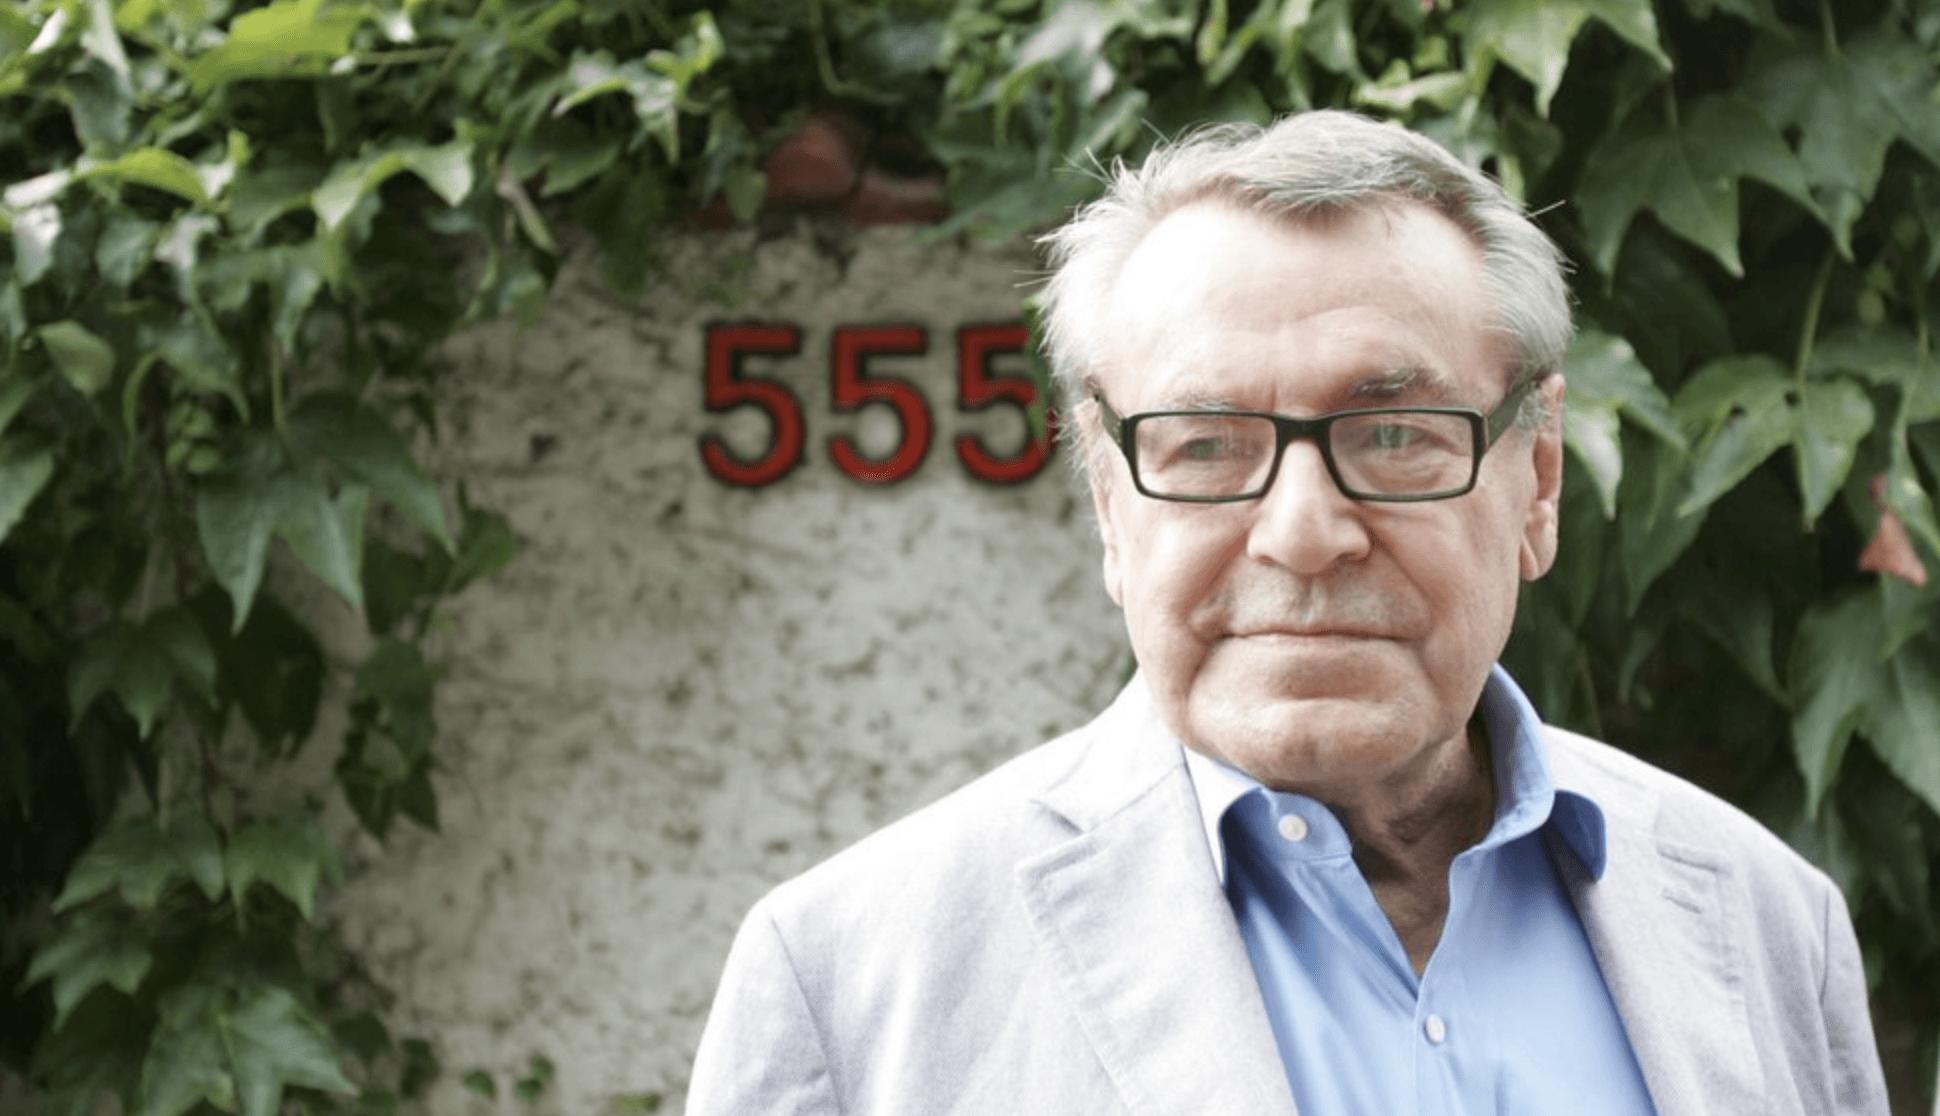 Morre o diretor de cinema Milos Forman, aos 86 anos